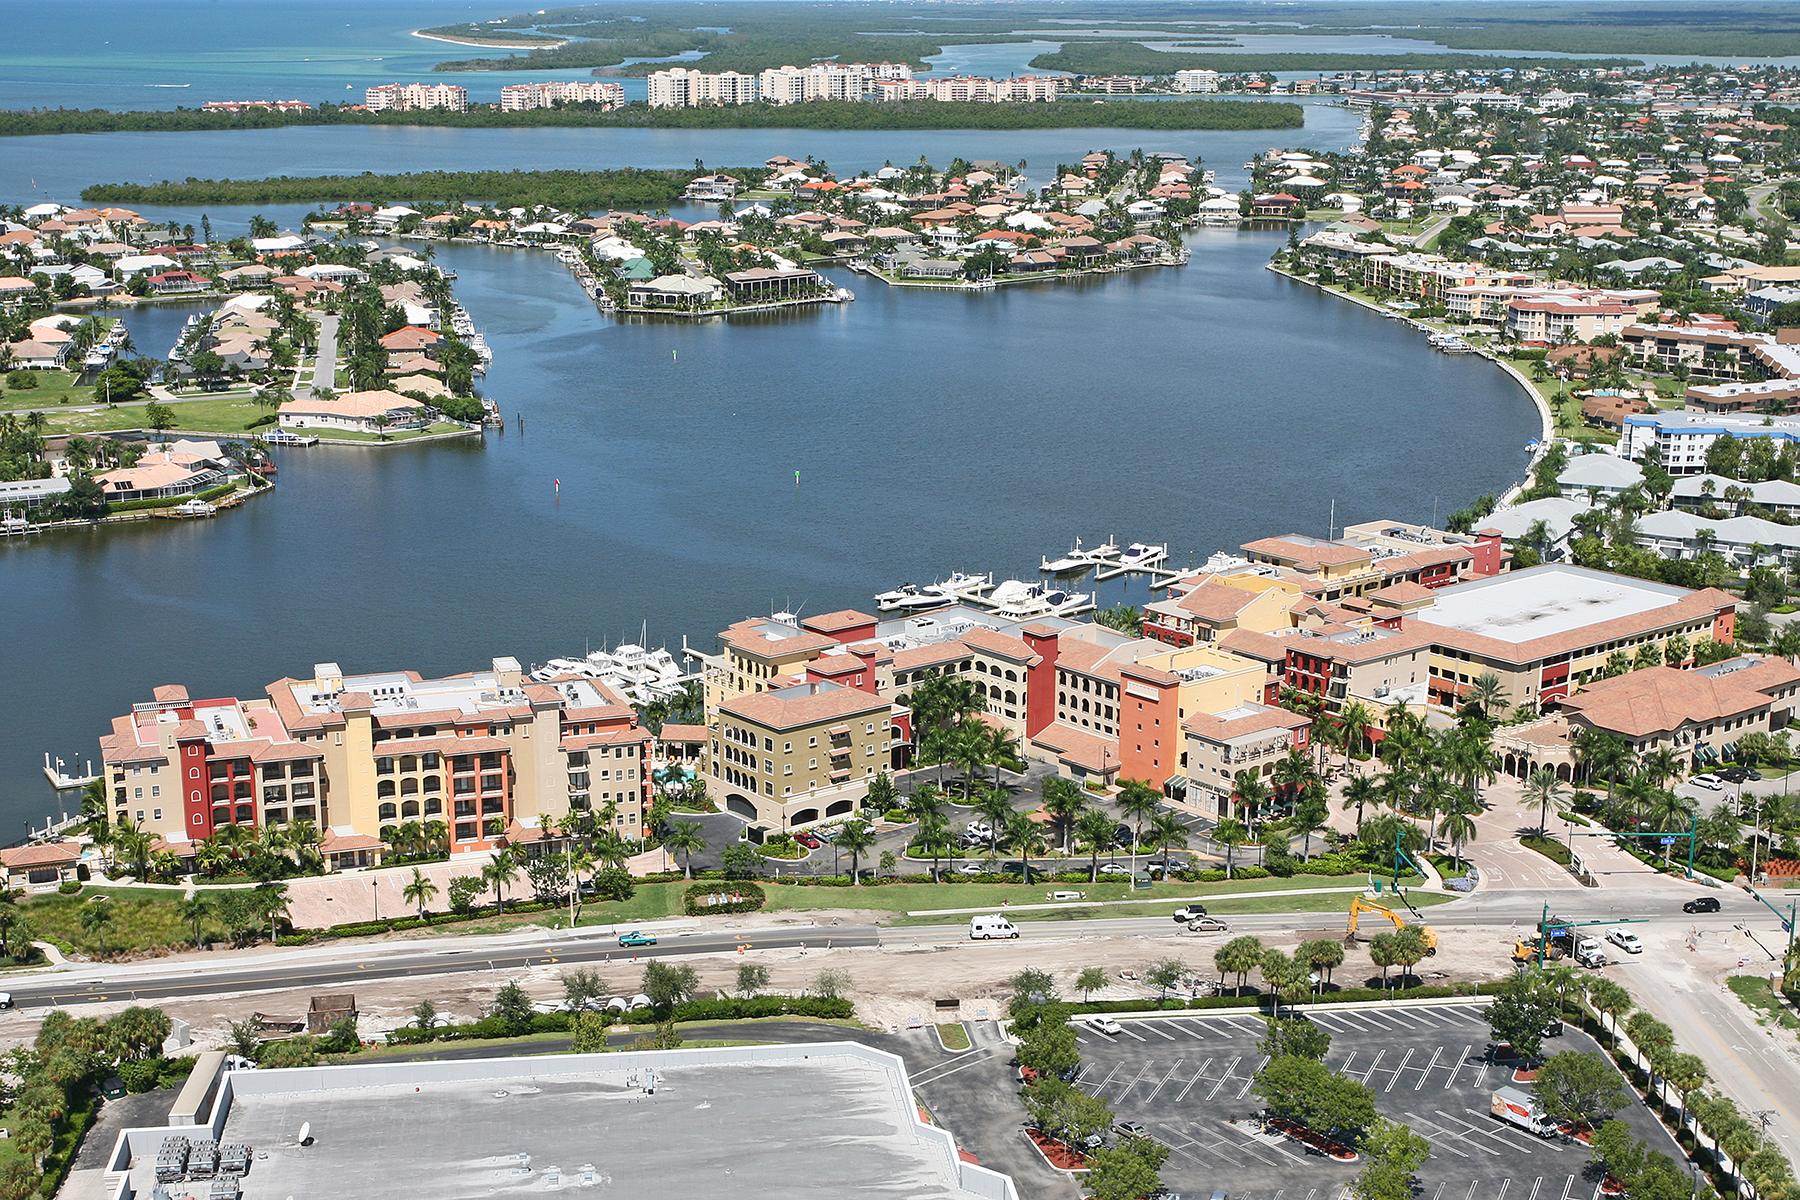 Các loại nhà khác vì Bán tại ESPLANADE - BOAT SLIP 750 Collier Blvd Marco Island, Florida 34145 Hoa Kỳ